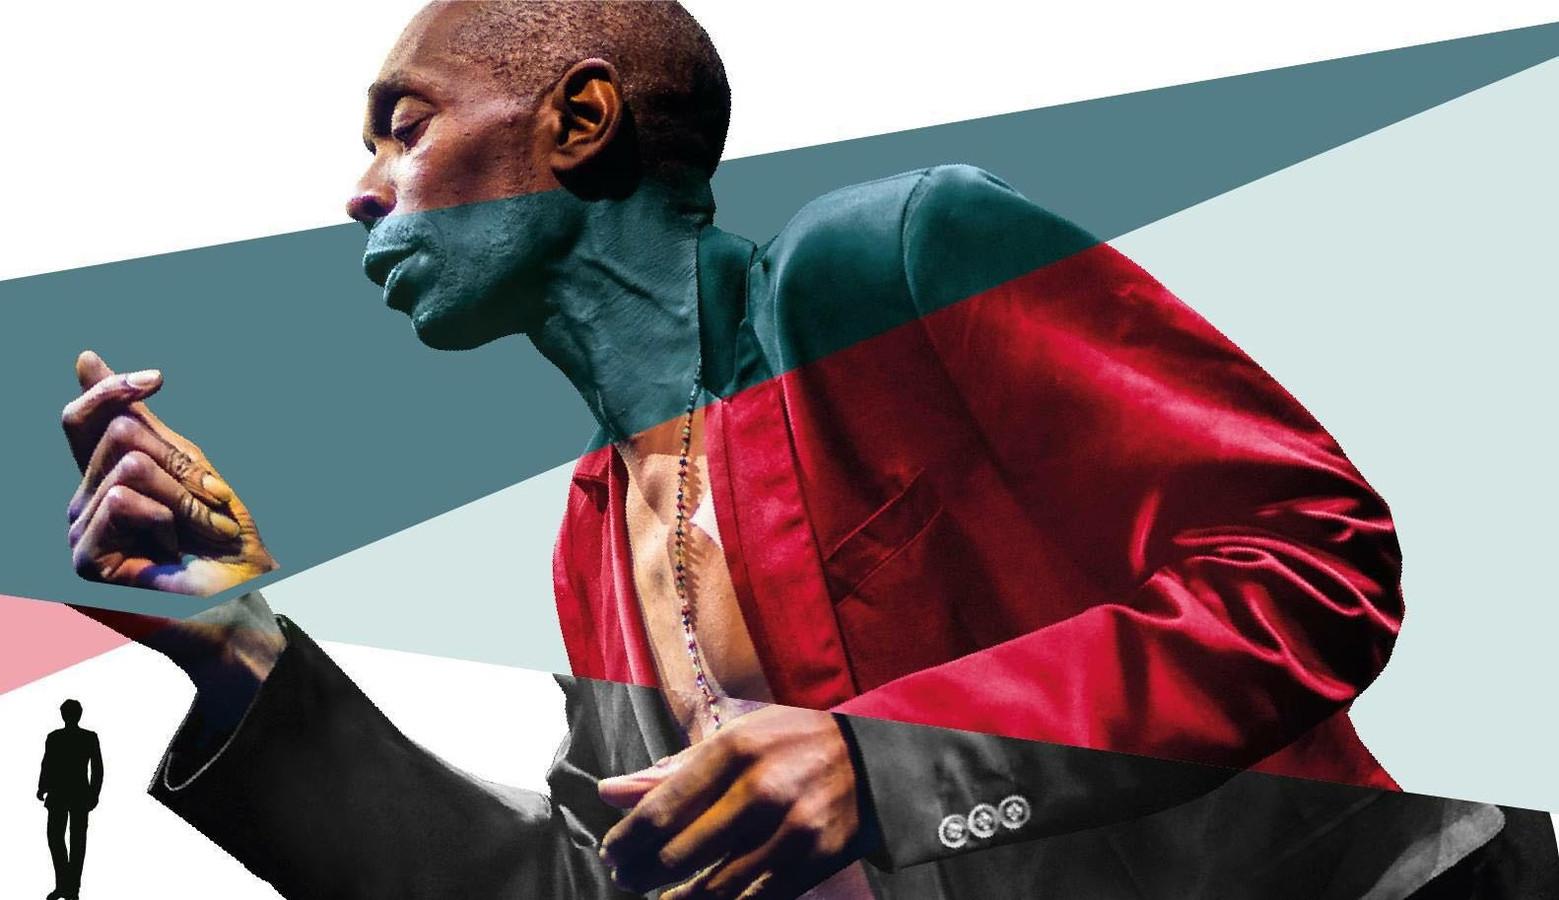 Een van de 7 artiesten uit Eindhoven of met betekenis voor Eindhoven die vereeuwigd worden is Maxi Jazz van Faithless